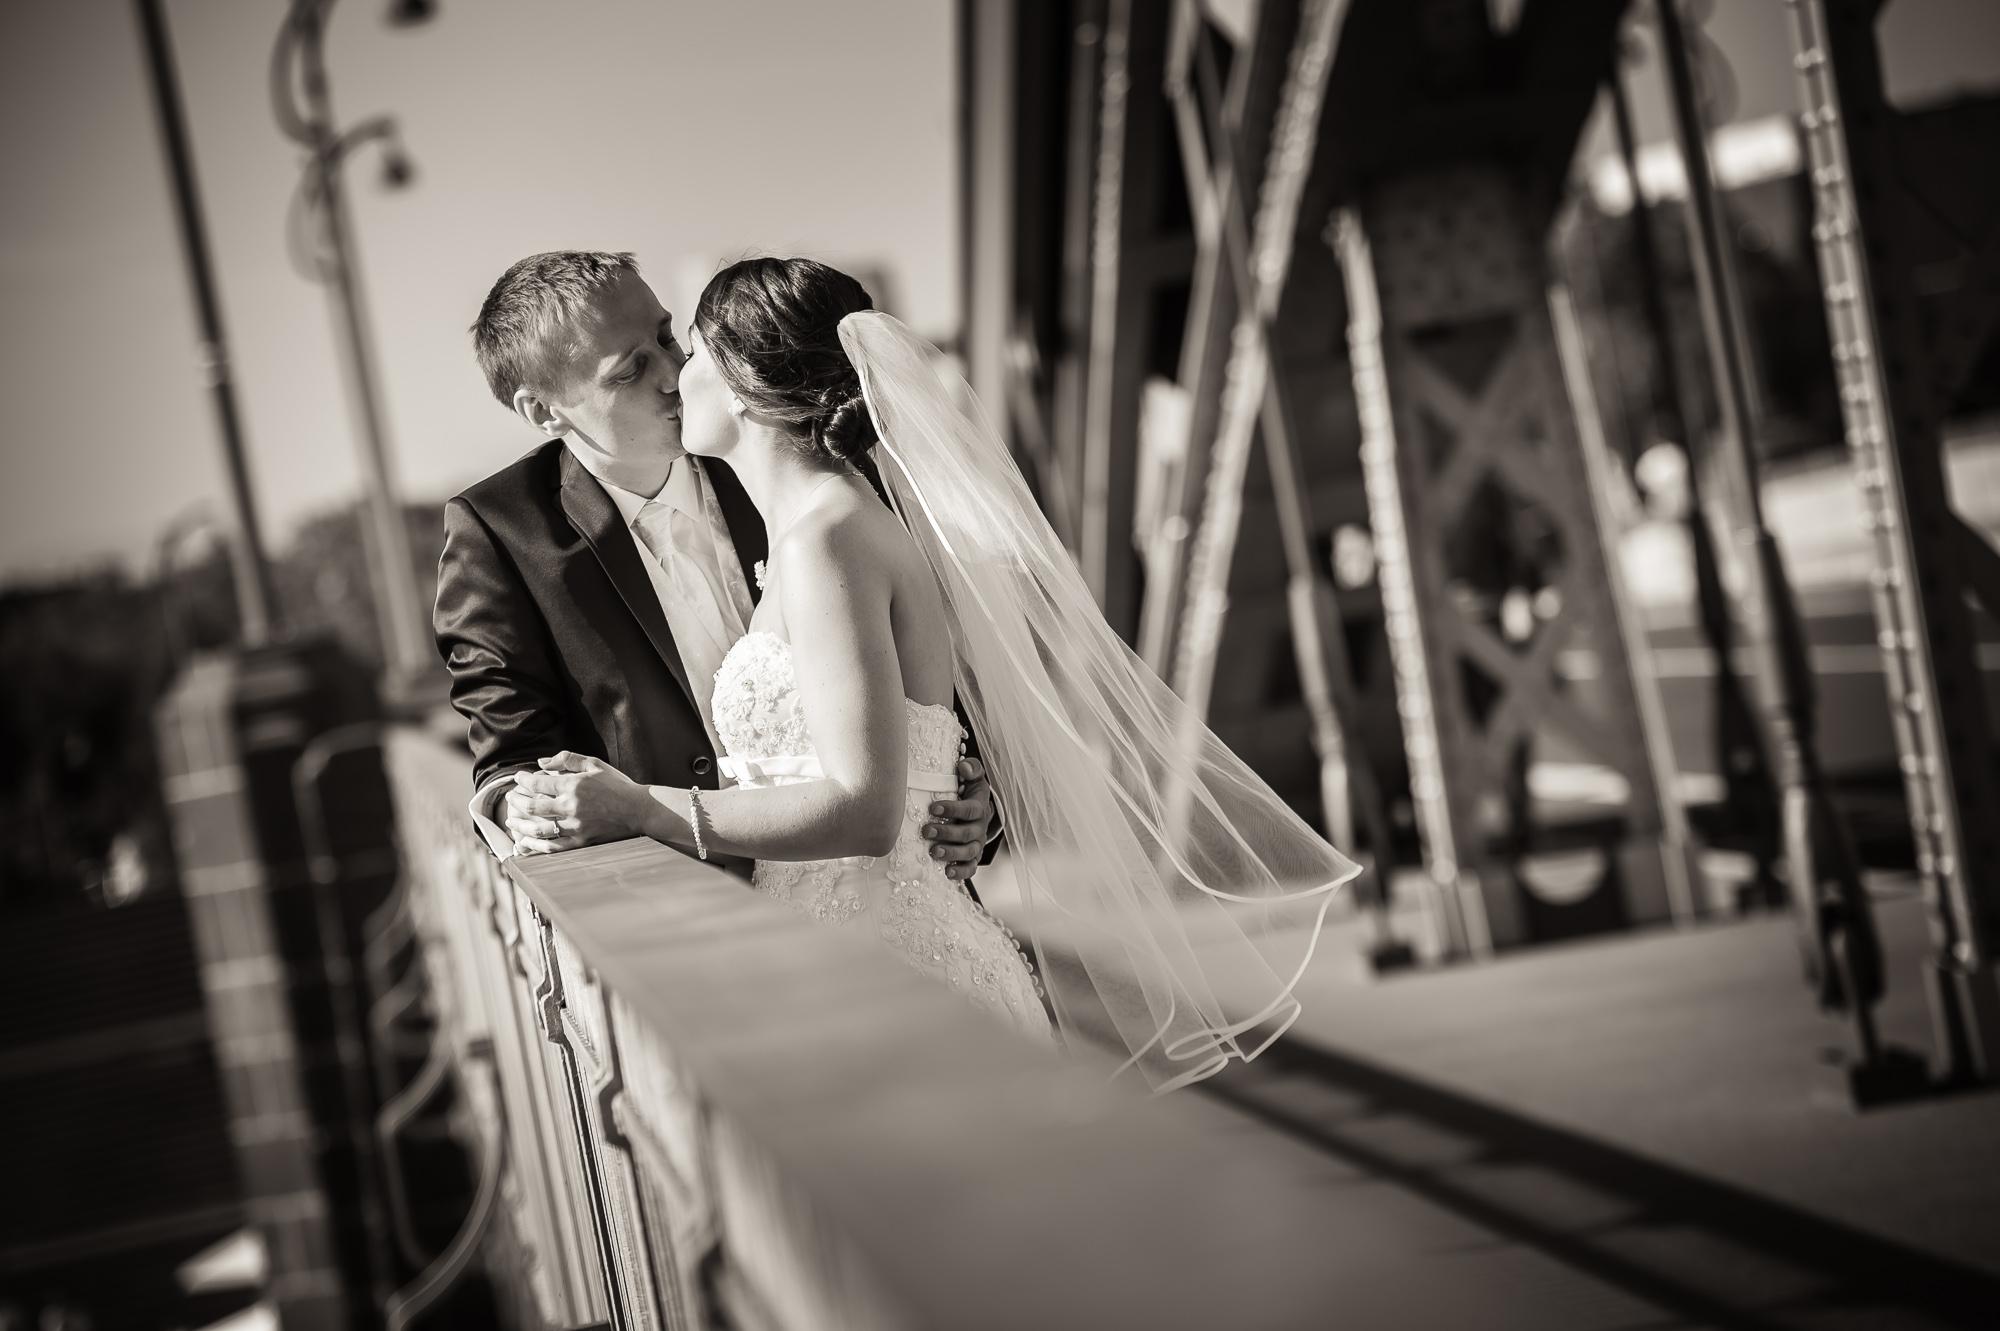 Hochzeit B2000  9863 - Strickroth & Fiege Fotografie